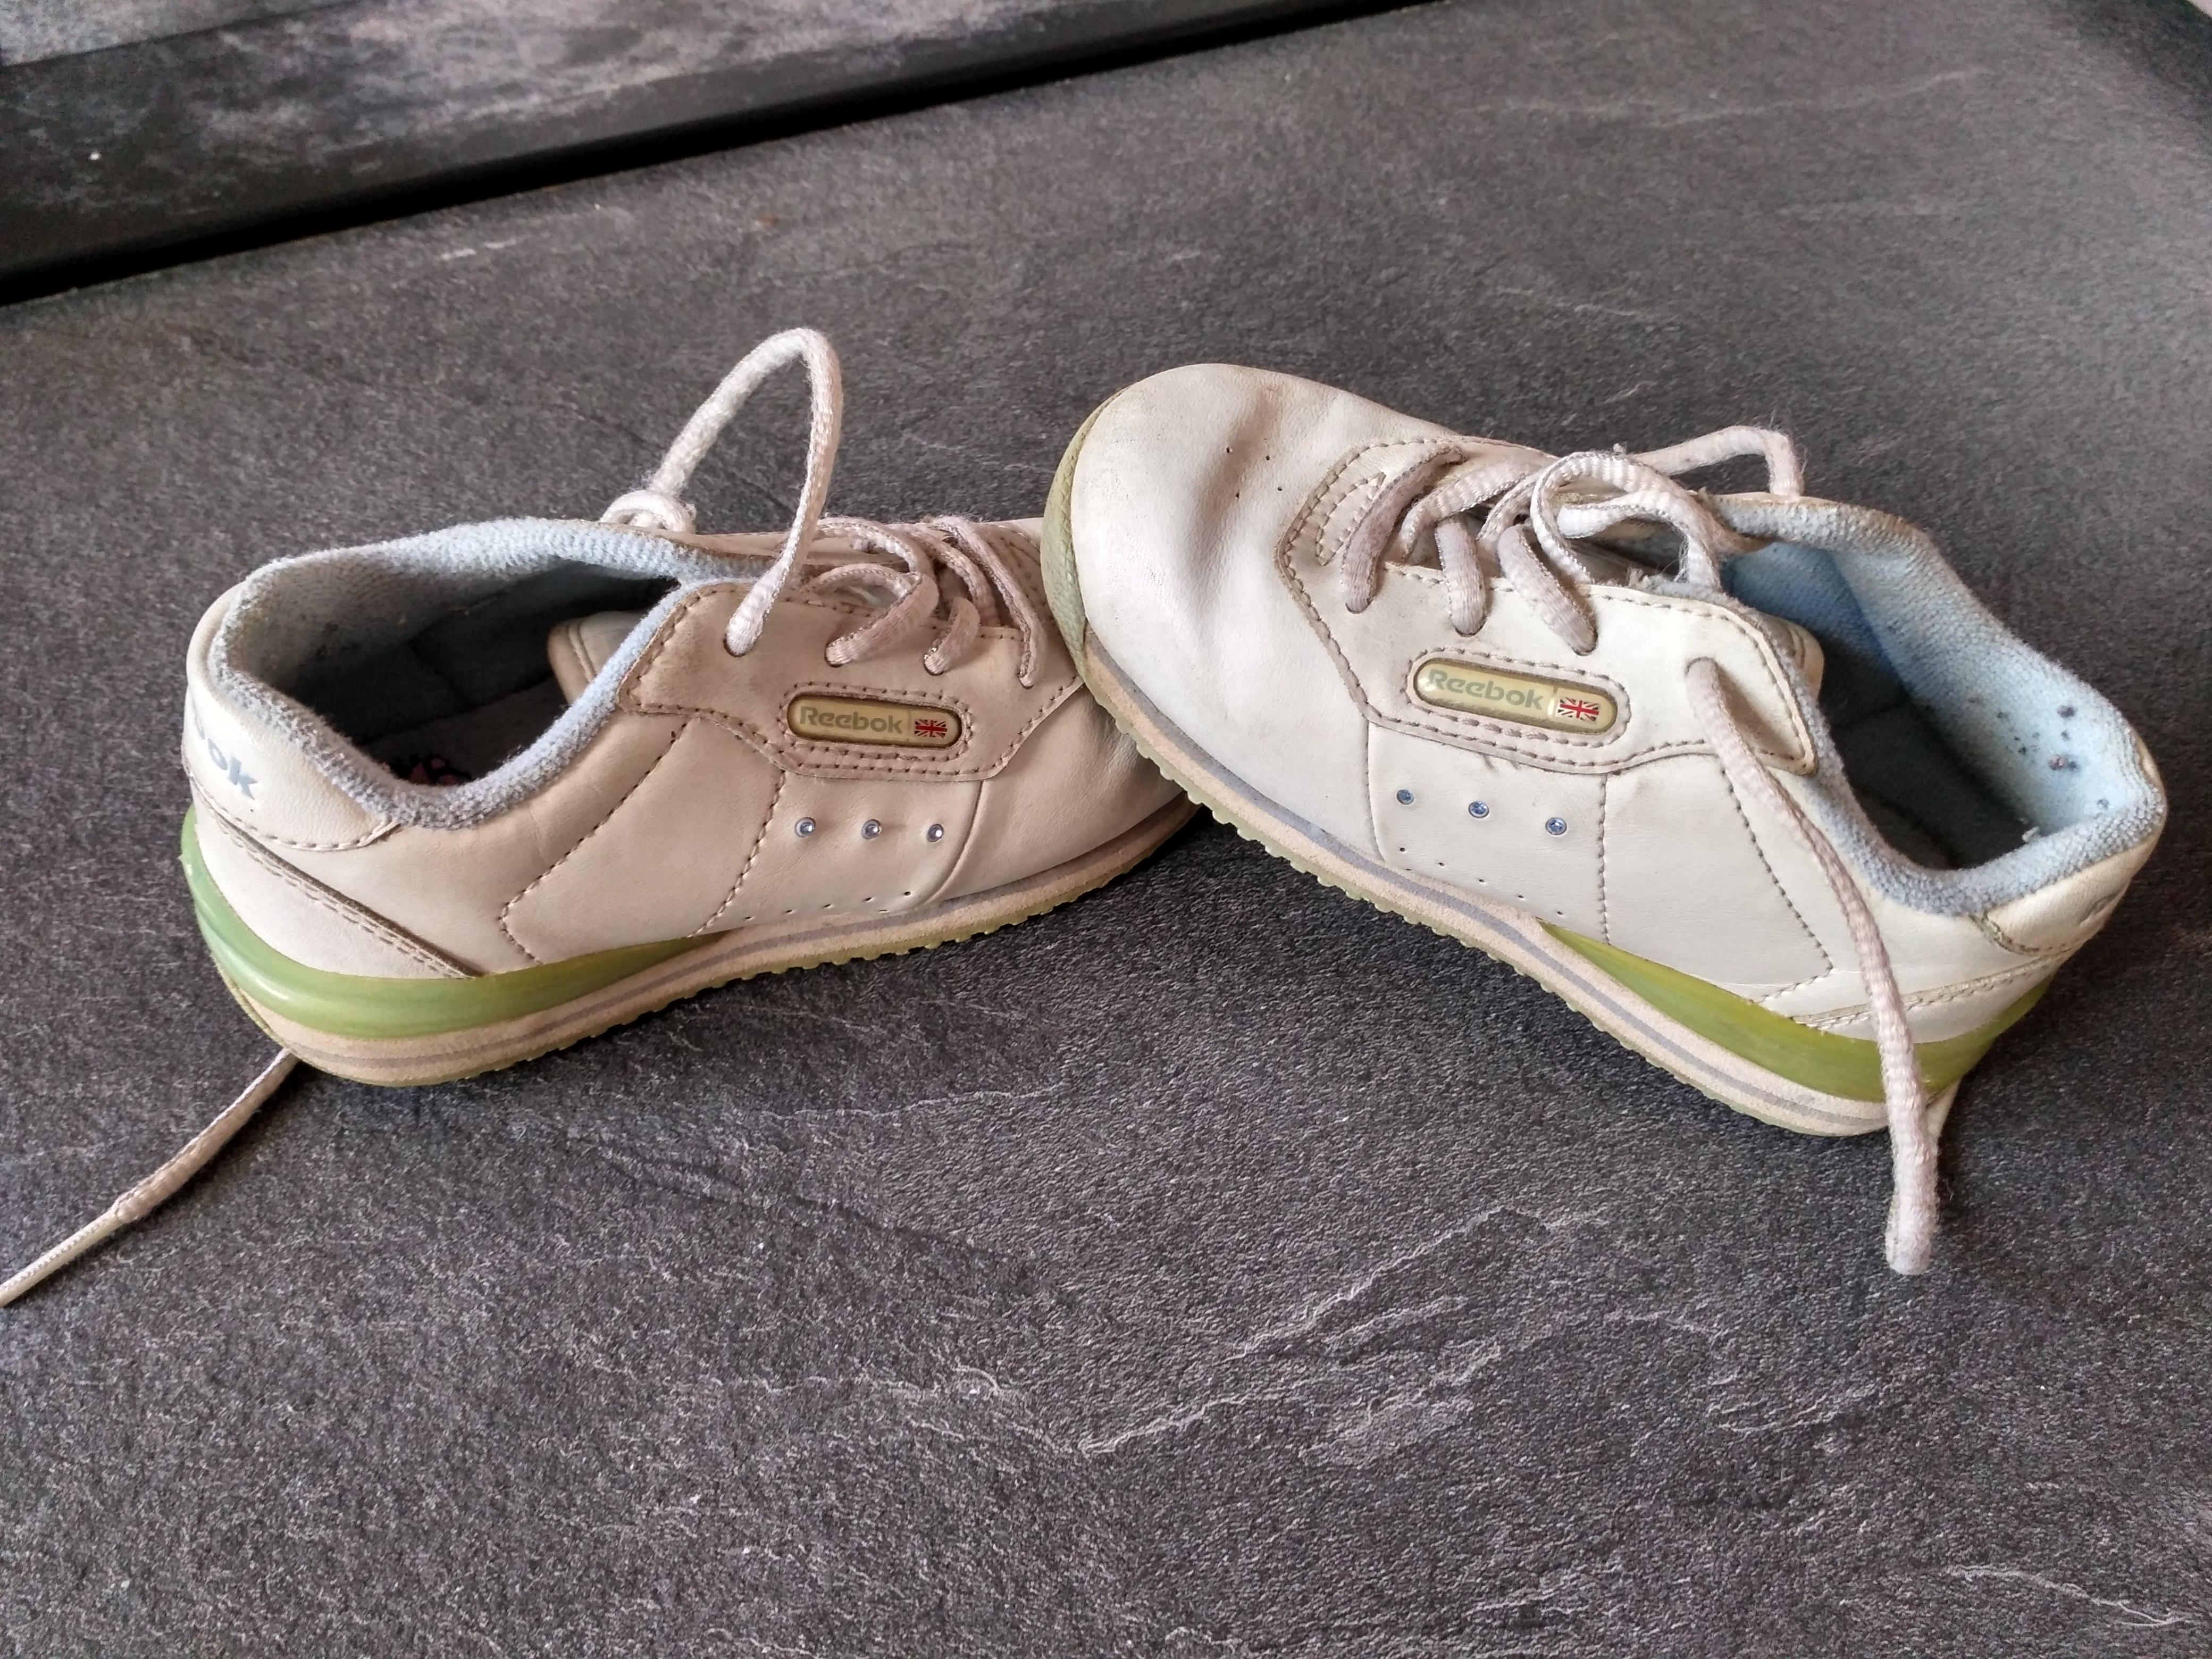 Reebok Chaussure 24 Pointure Fille Basket Paire Lumière De Enfant BrdCxoe